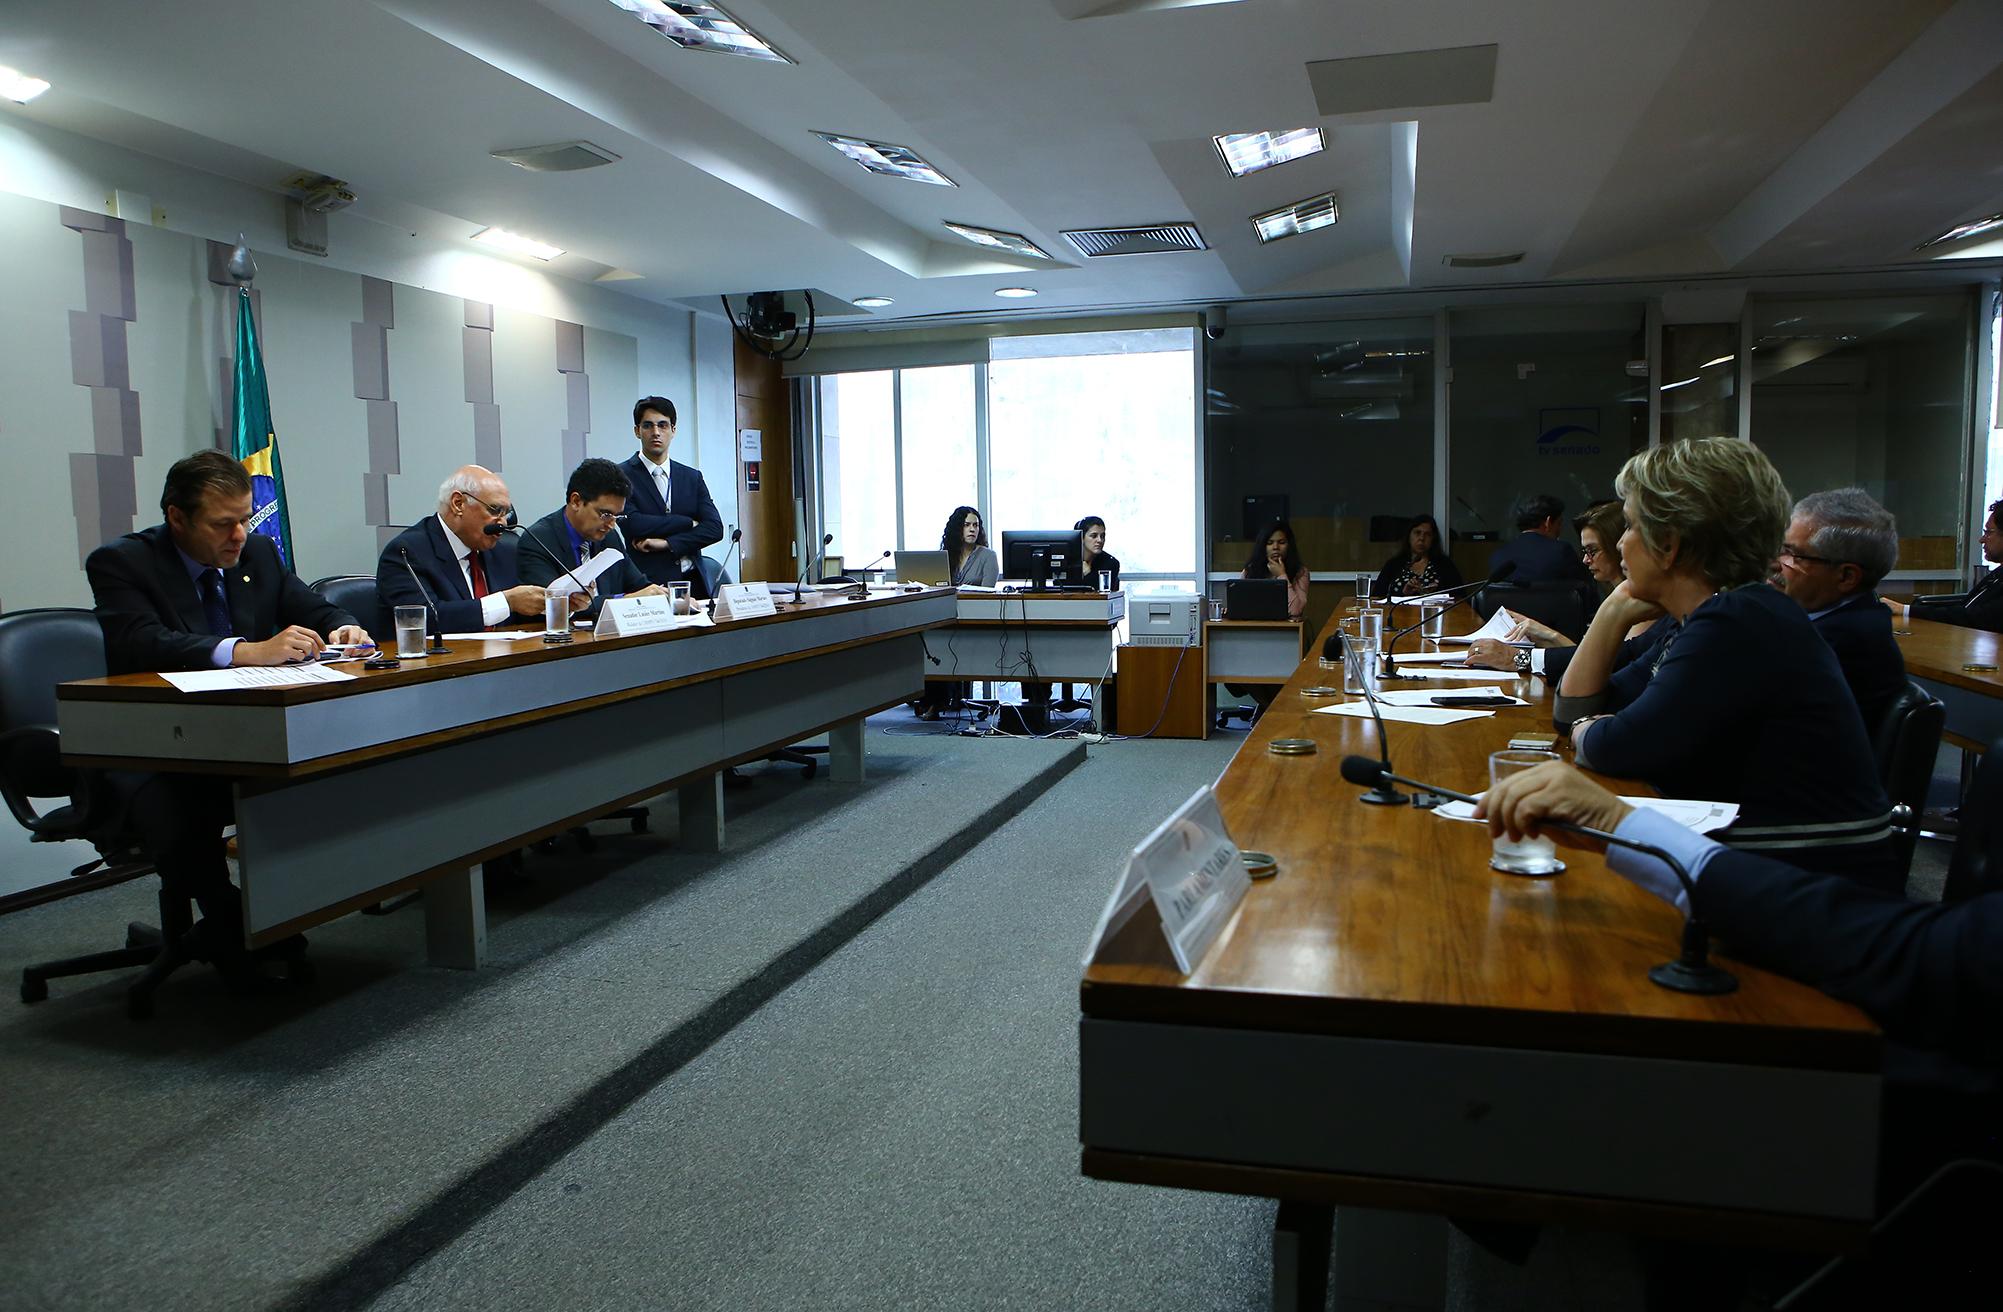 Reunião da Comissão Mista sobre a MP 744/16, que altera a estrutura da Empresa Brasil de Comunicação (EBC)